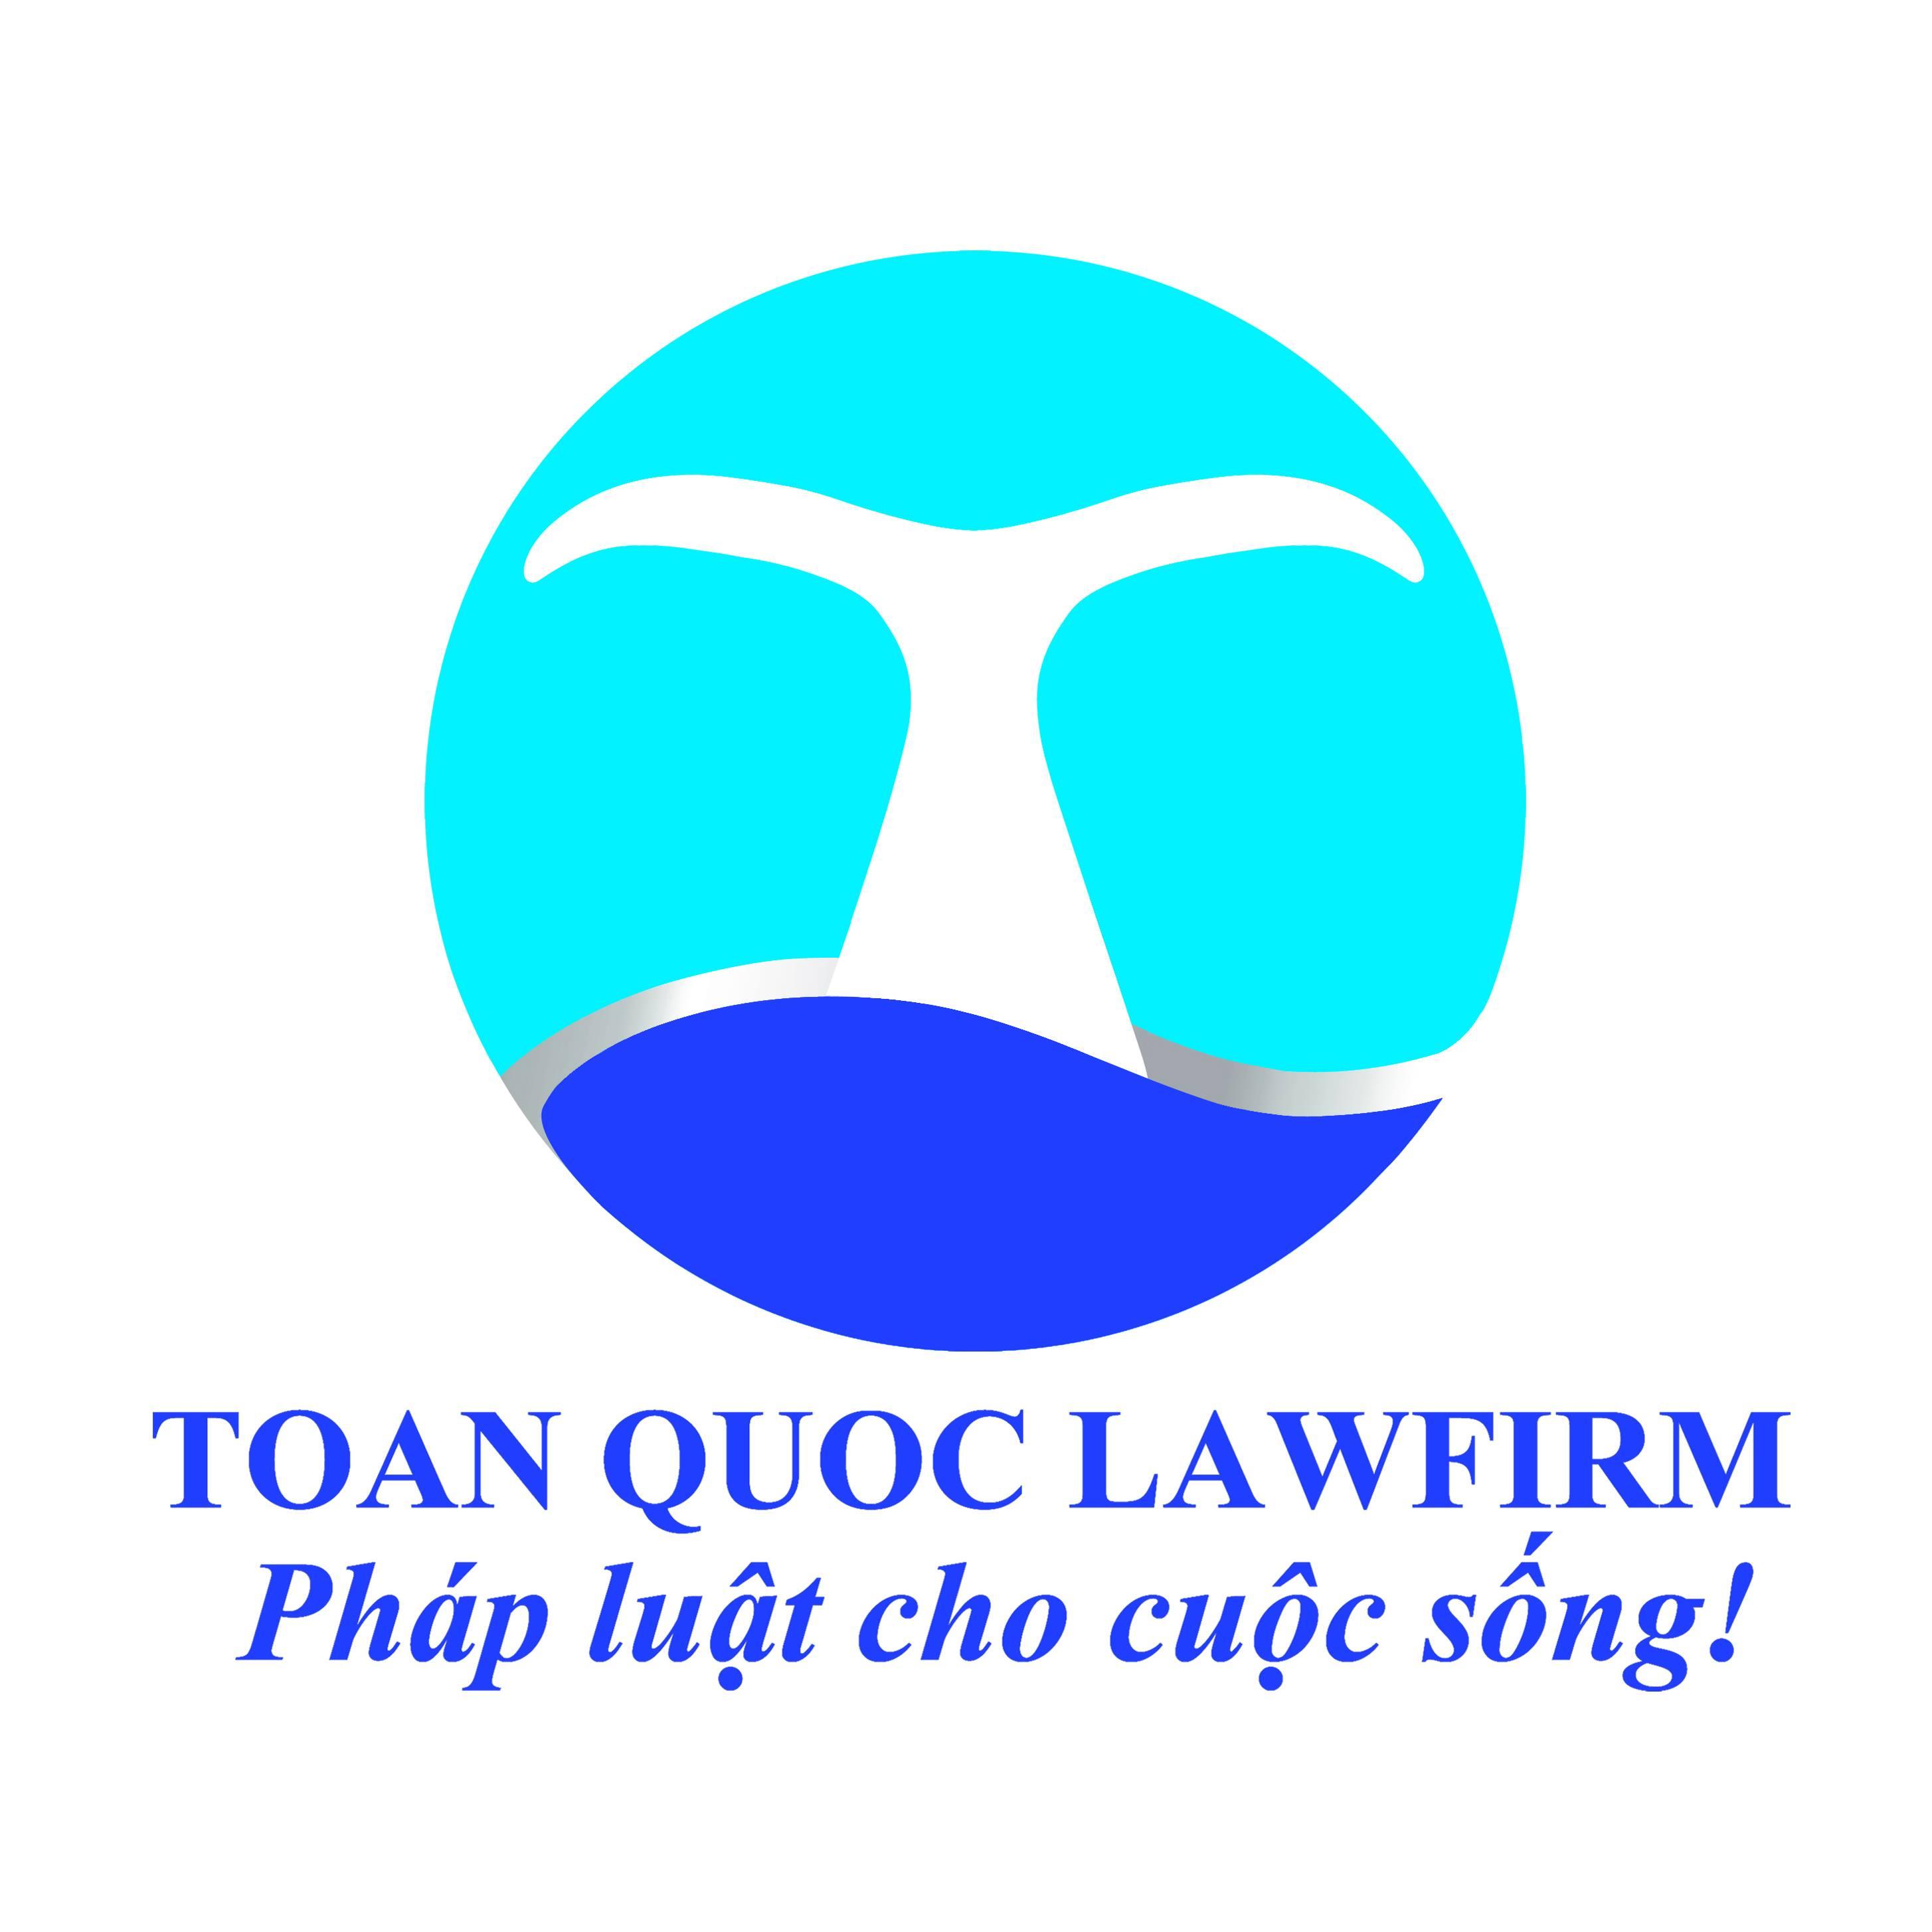 Công văn Số: 1007/HTQTCT-HT Về việc hướng dẫn nghiệp vụ hộ tịch